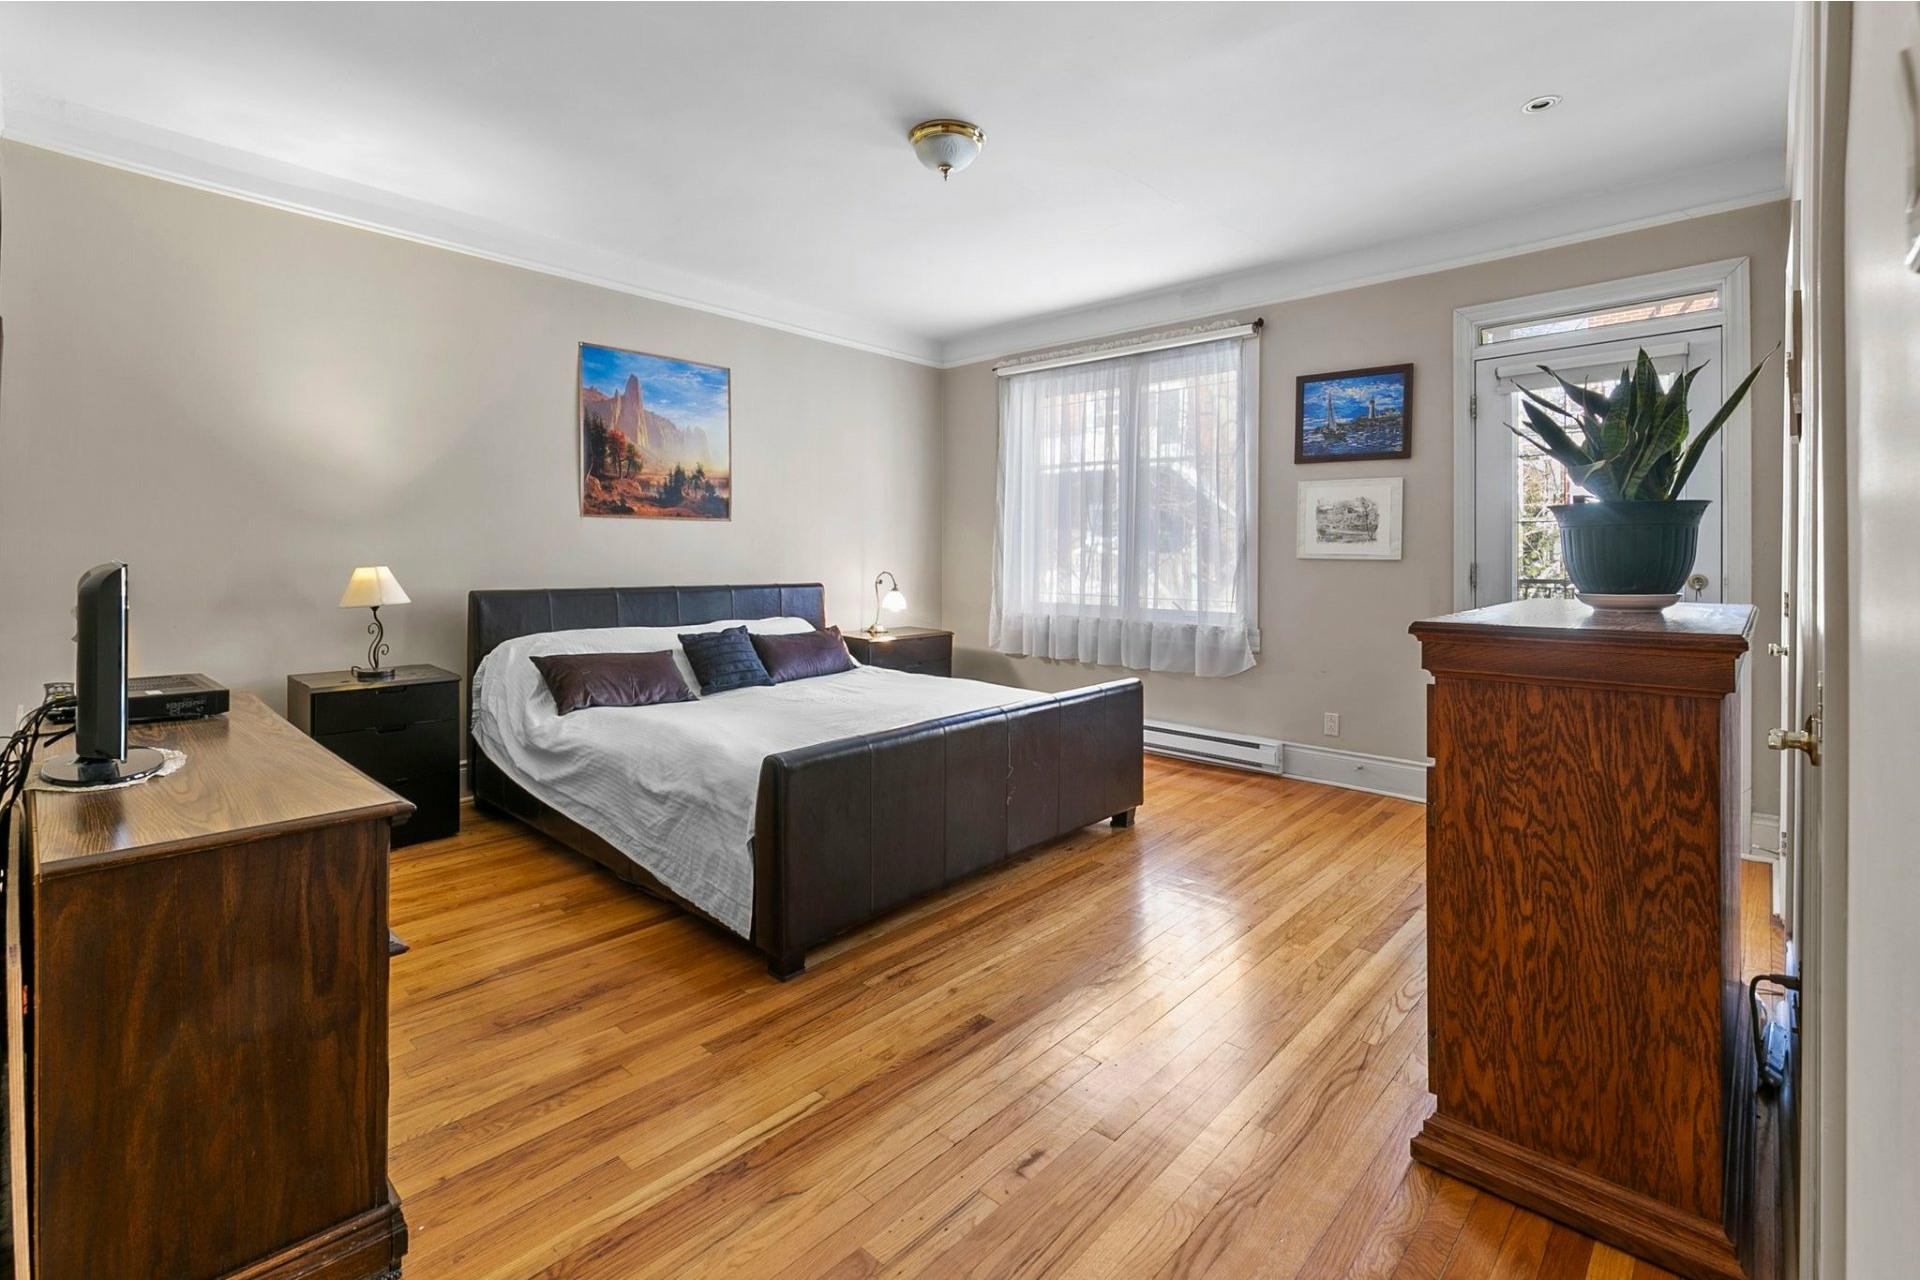 image 11 - Appartement À vendre Côte-des-Neiges/Notre-Dame-de-Grâce Montréal  - 10 pièces